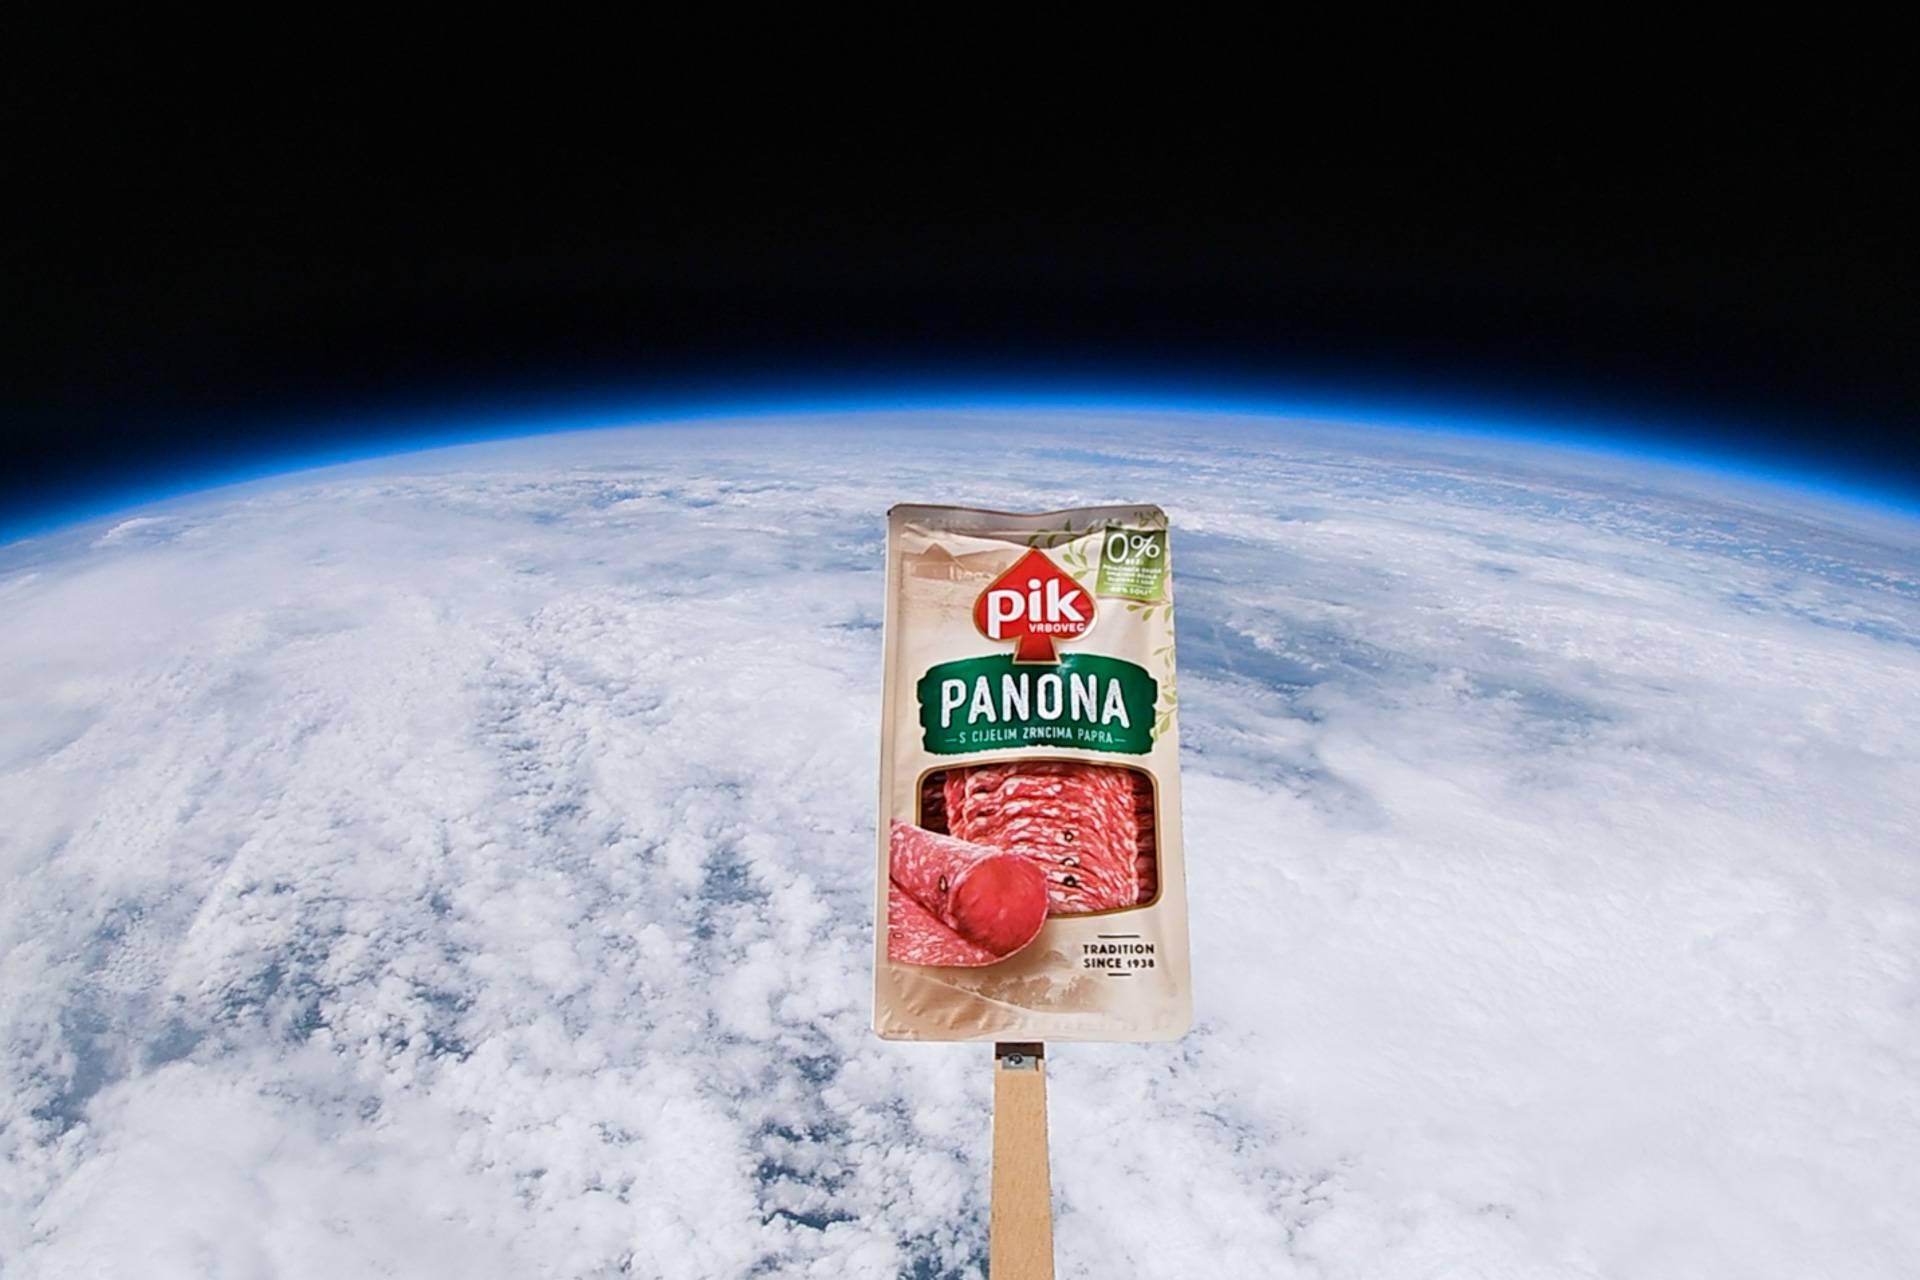 Prvi komercijalni let u stratosferu u Hrvatskoj